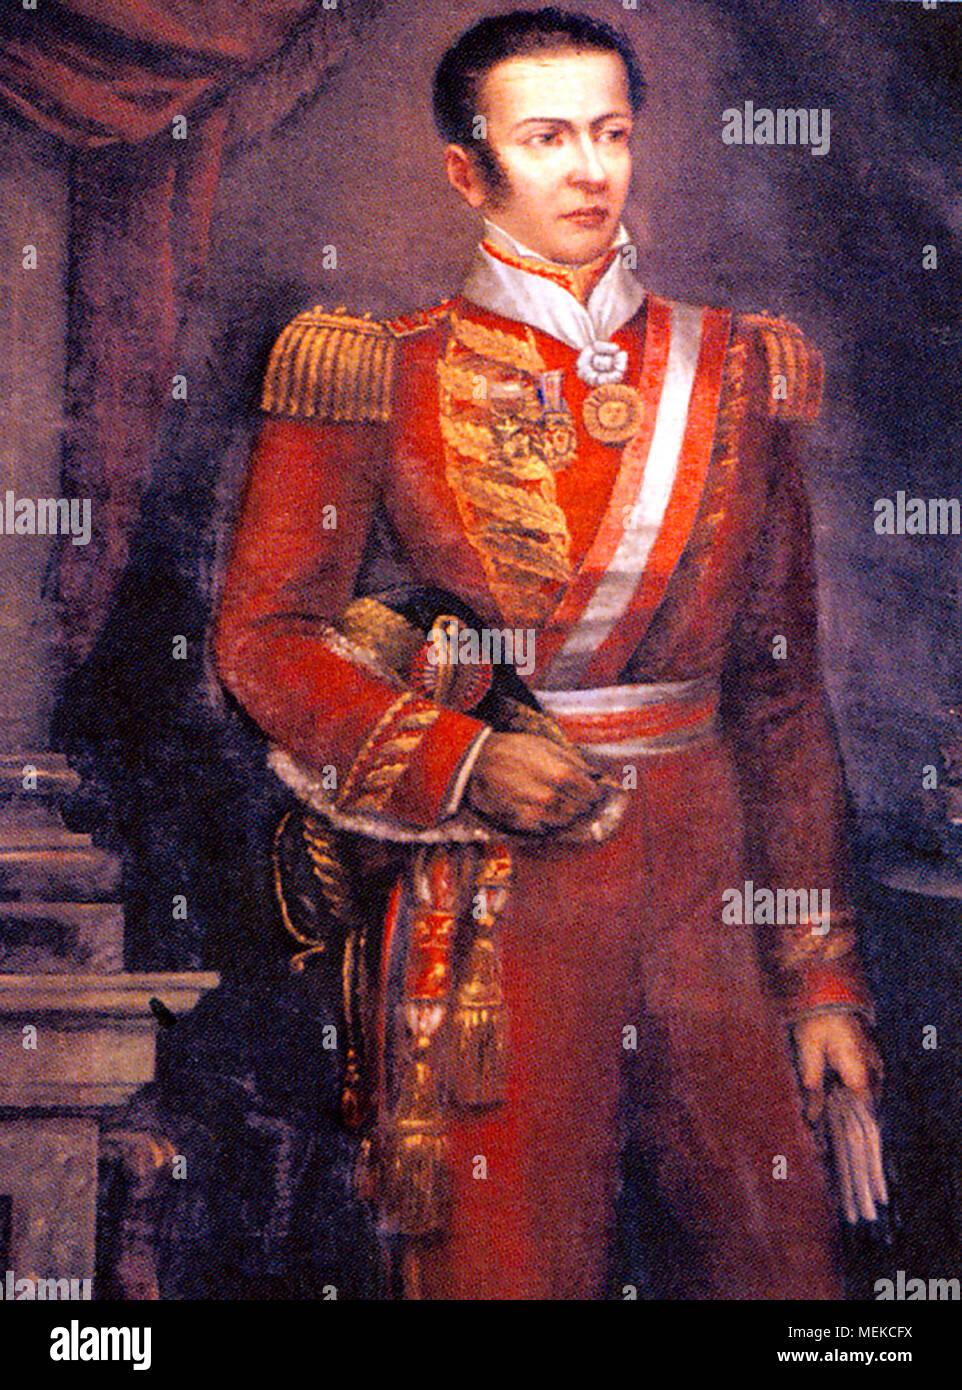 José Mariano de la Cruz de la Riva Agüero y Sánchez Boquete Marquess De Montealegre de Aulestia (1783 – 1858) Peruvian soldier, politician, and historian who served as the 1st President of Peru and 2nd President of North Peru. - Stock Image